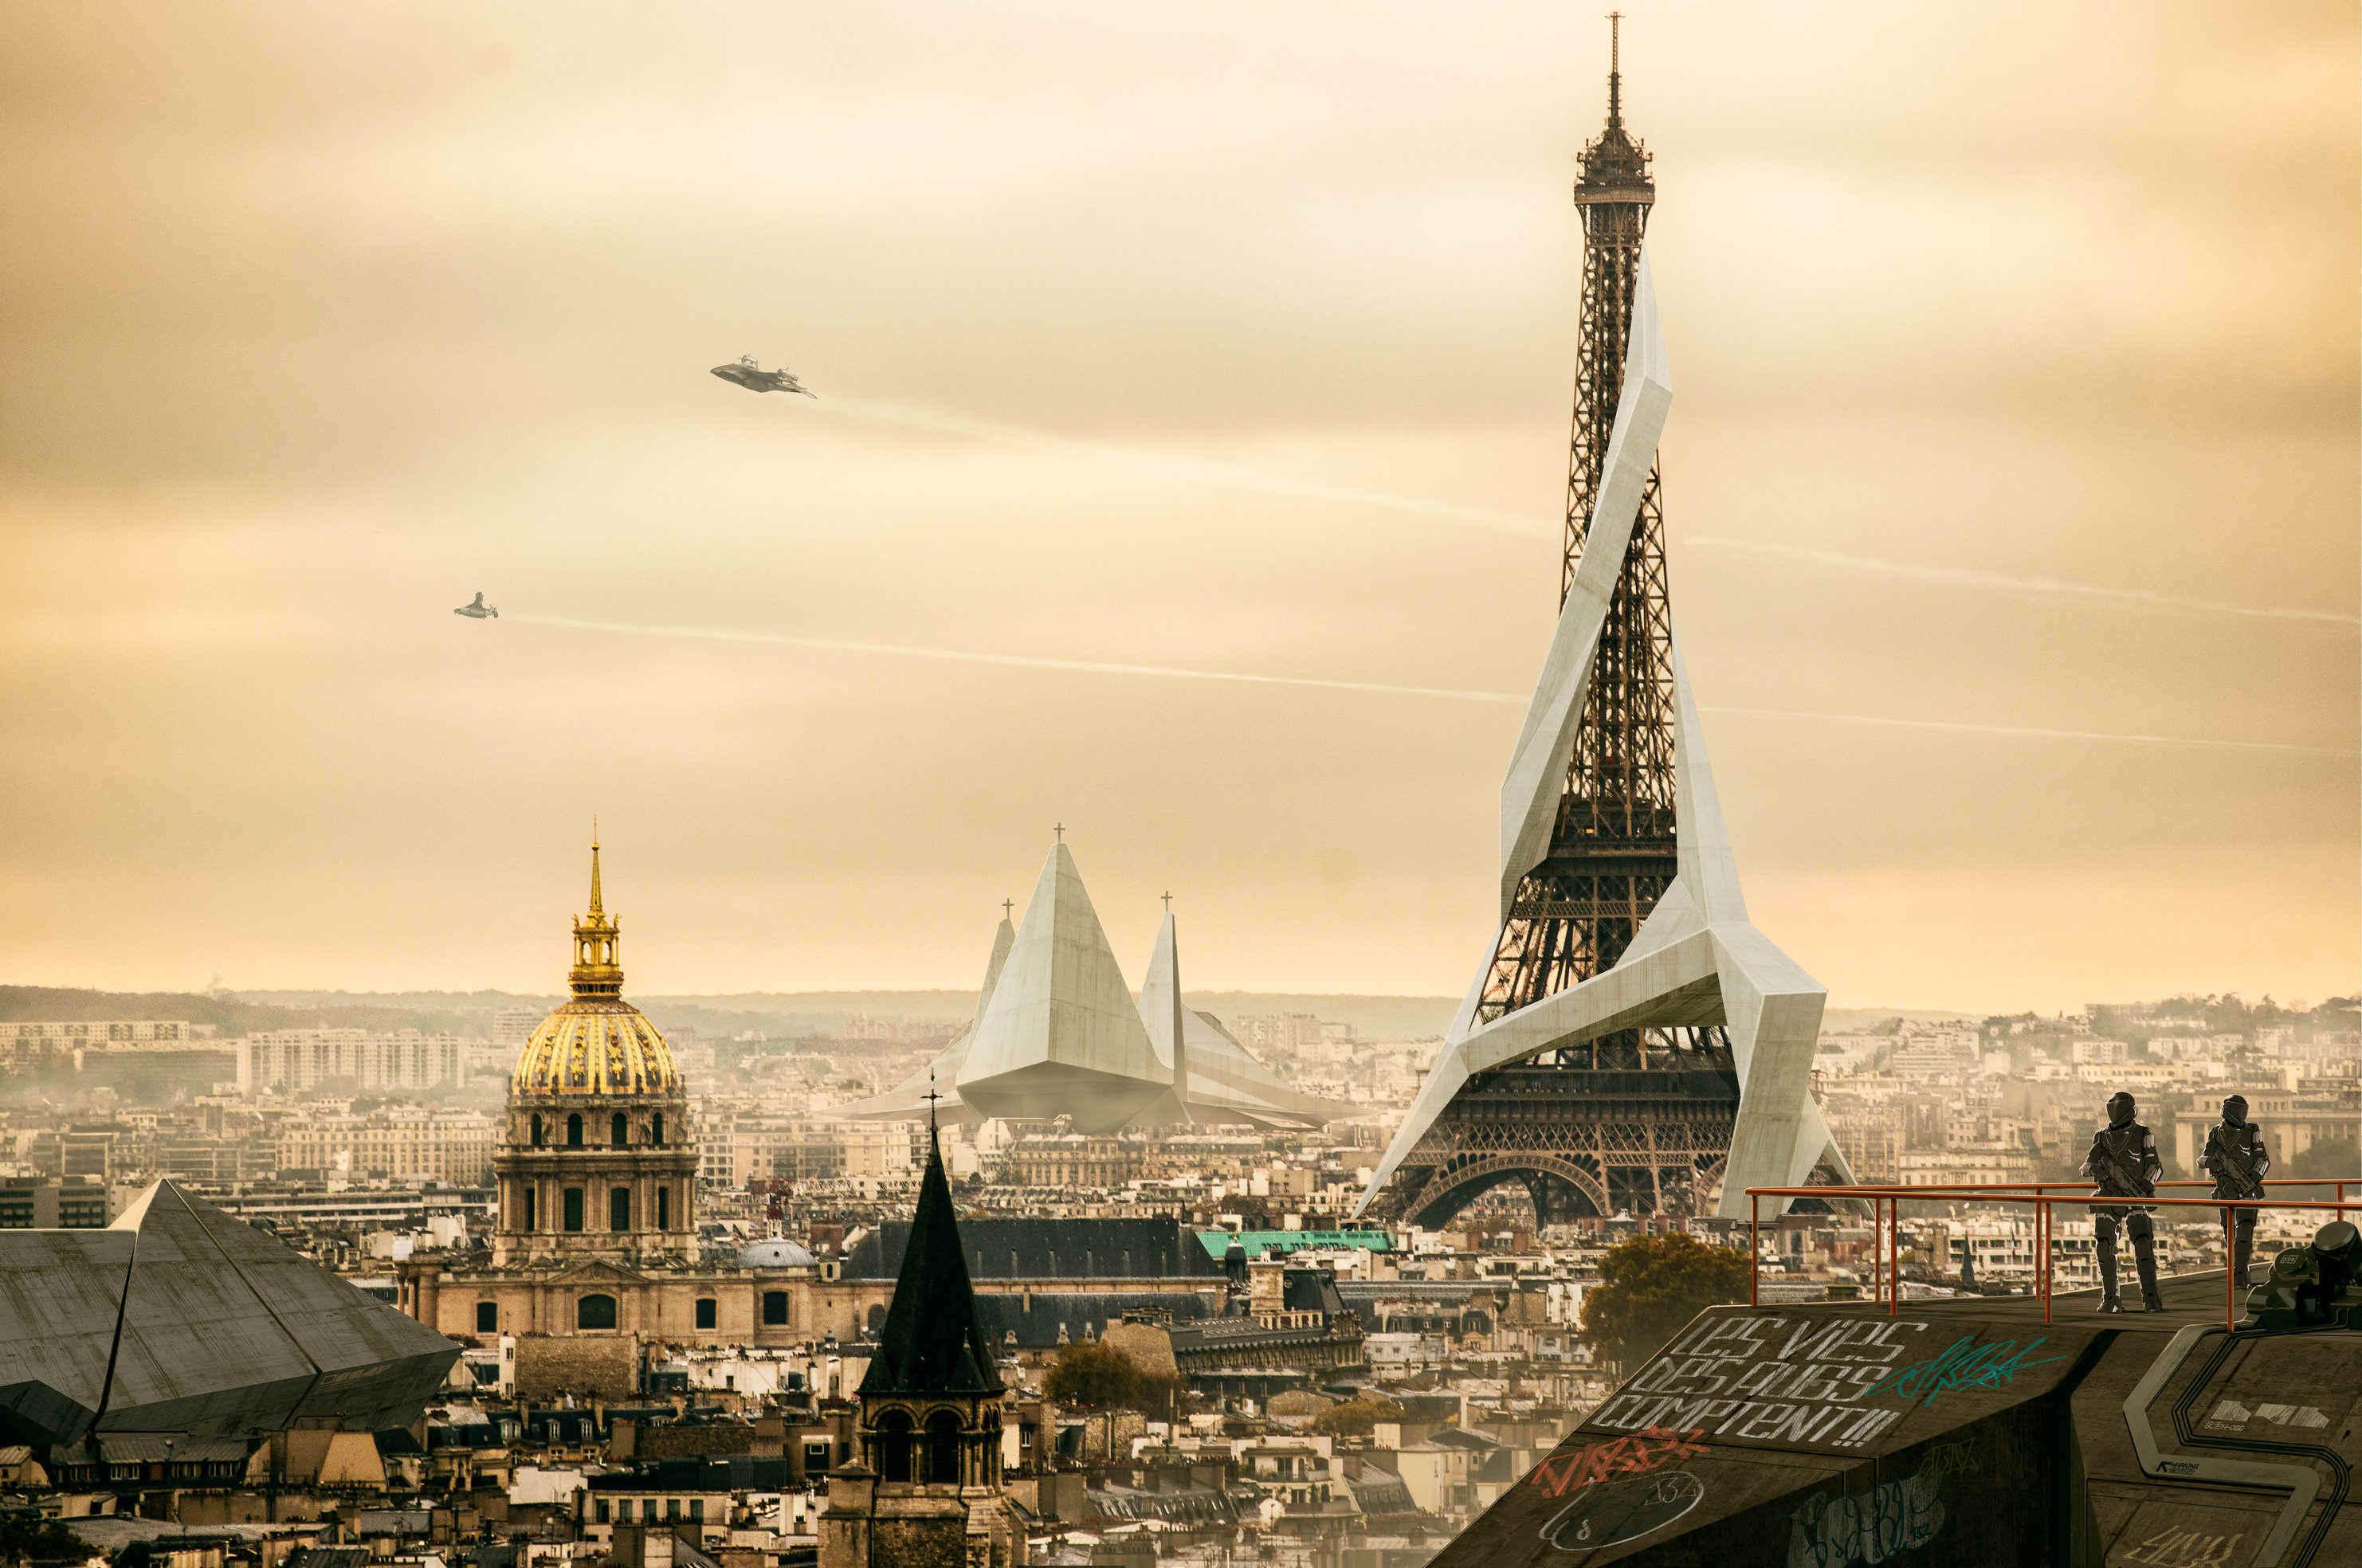 rsz_paris_cities_of_2029_dxmd